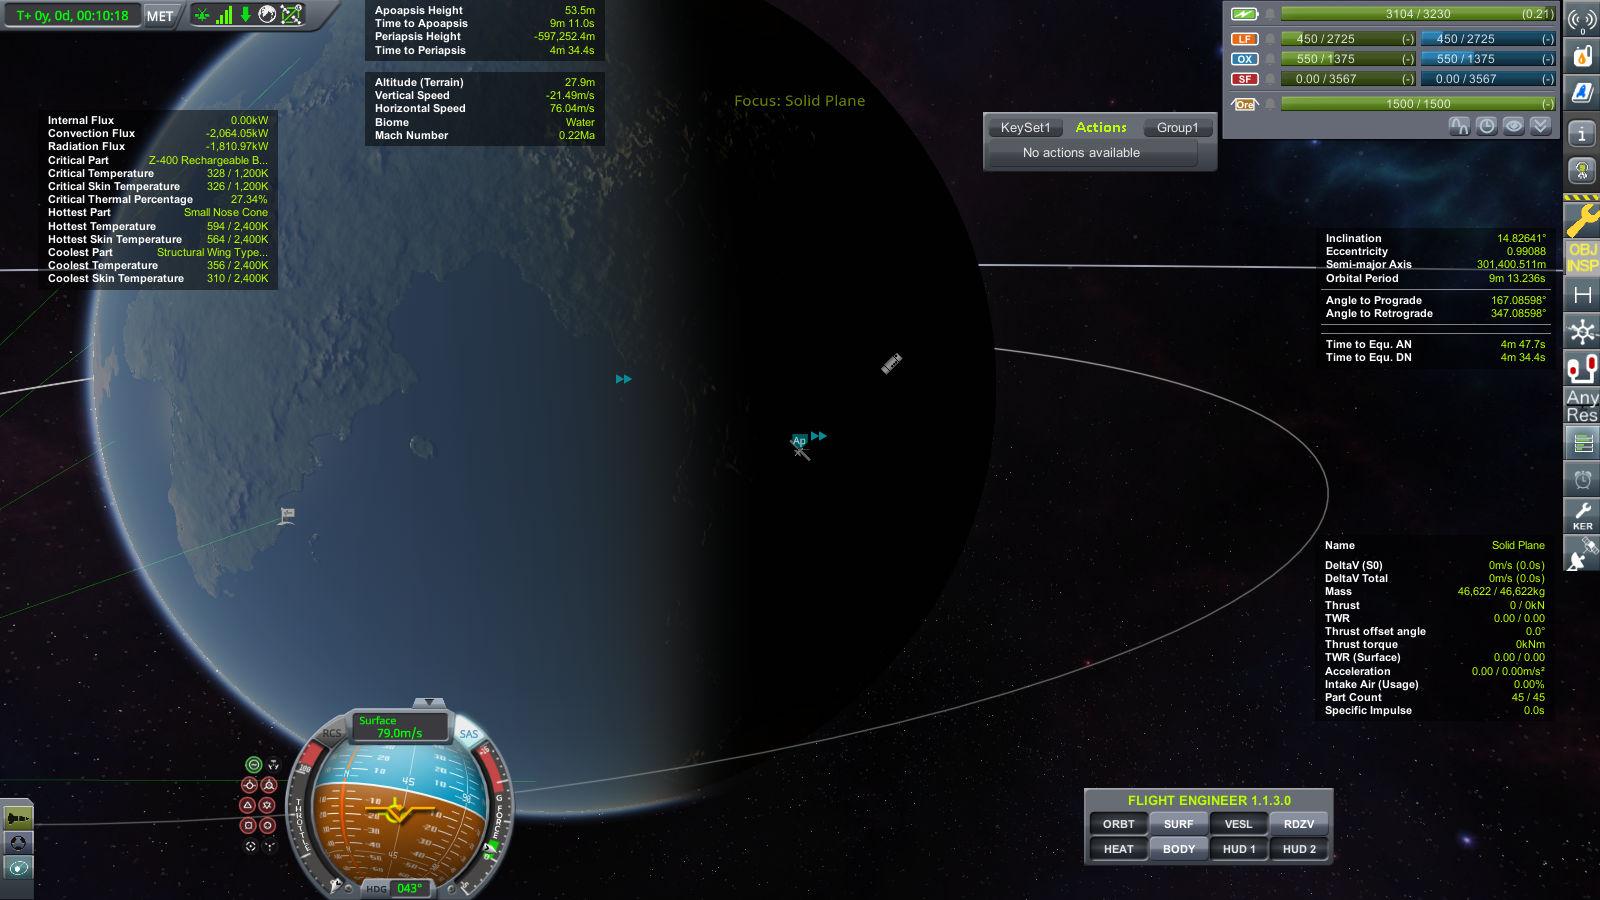 Honeyview_screenshot611.jpg